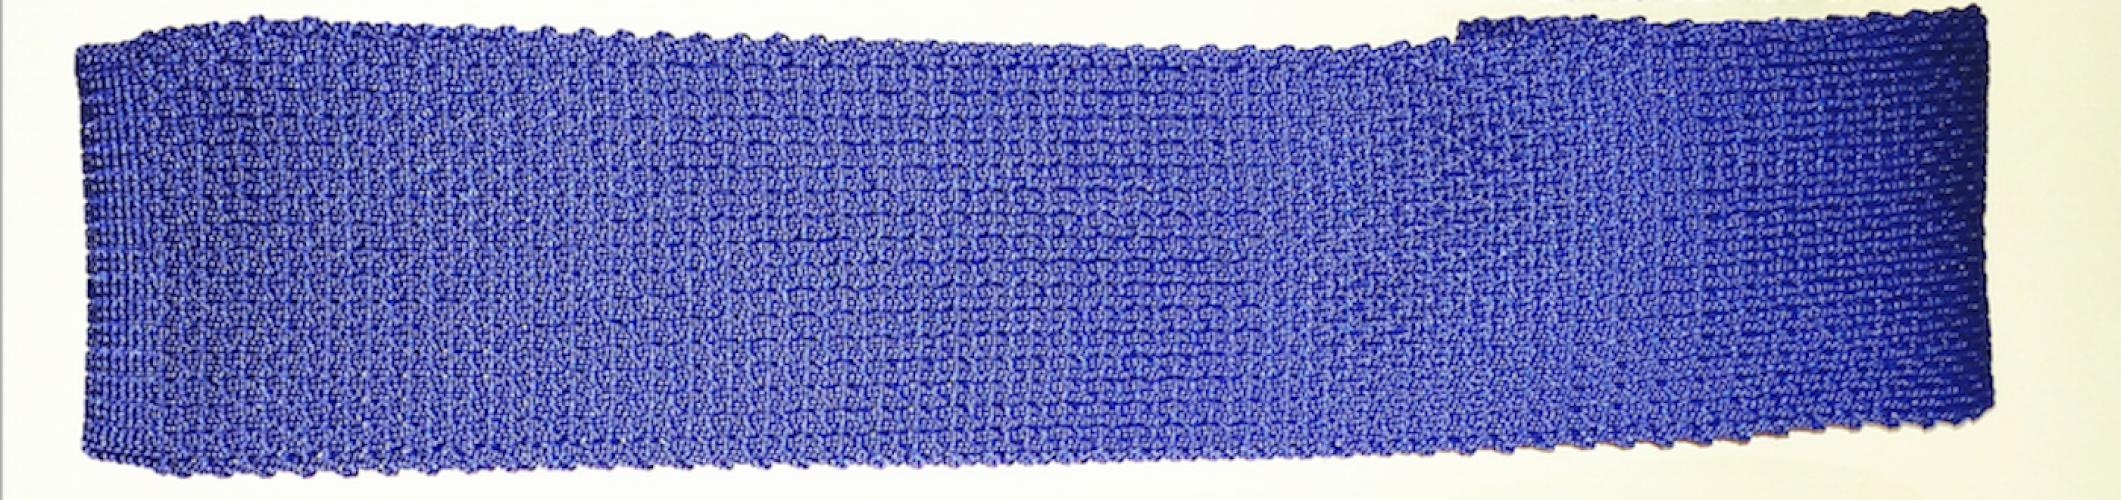 Square Tie